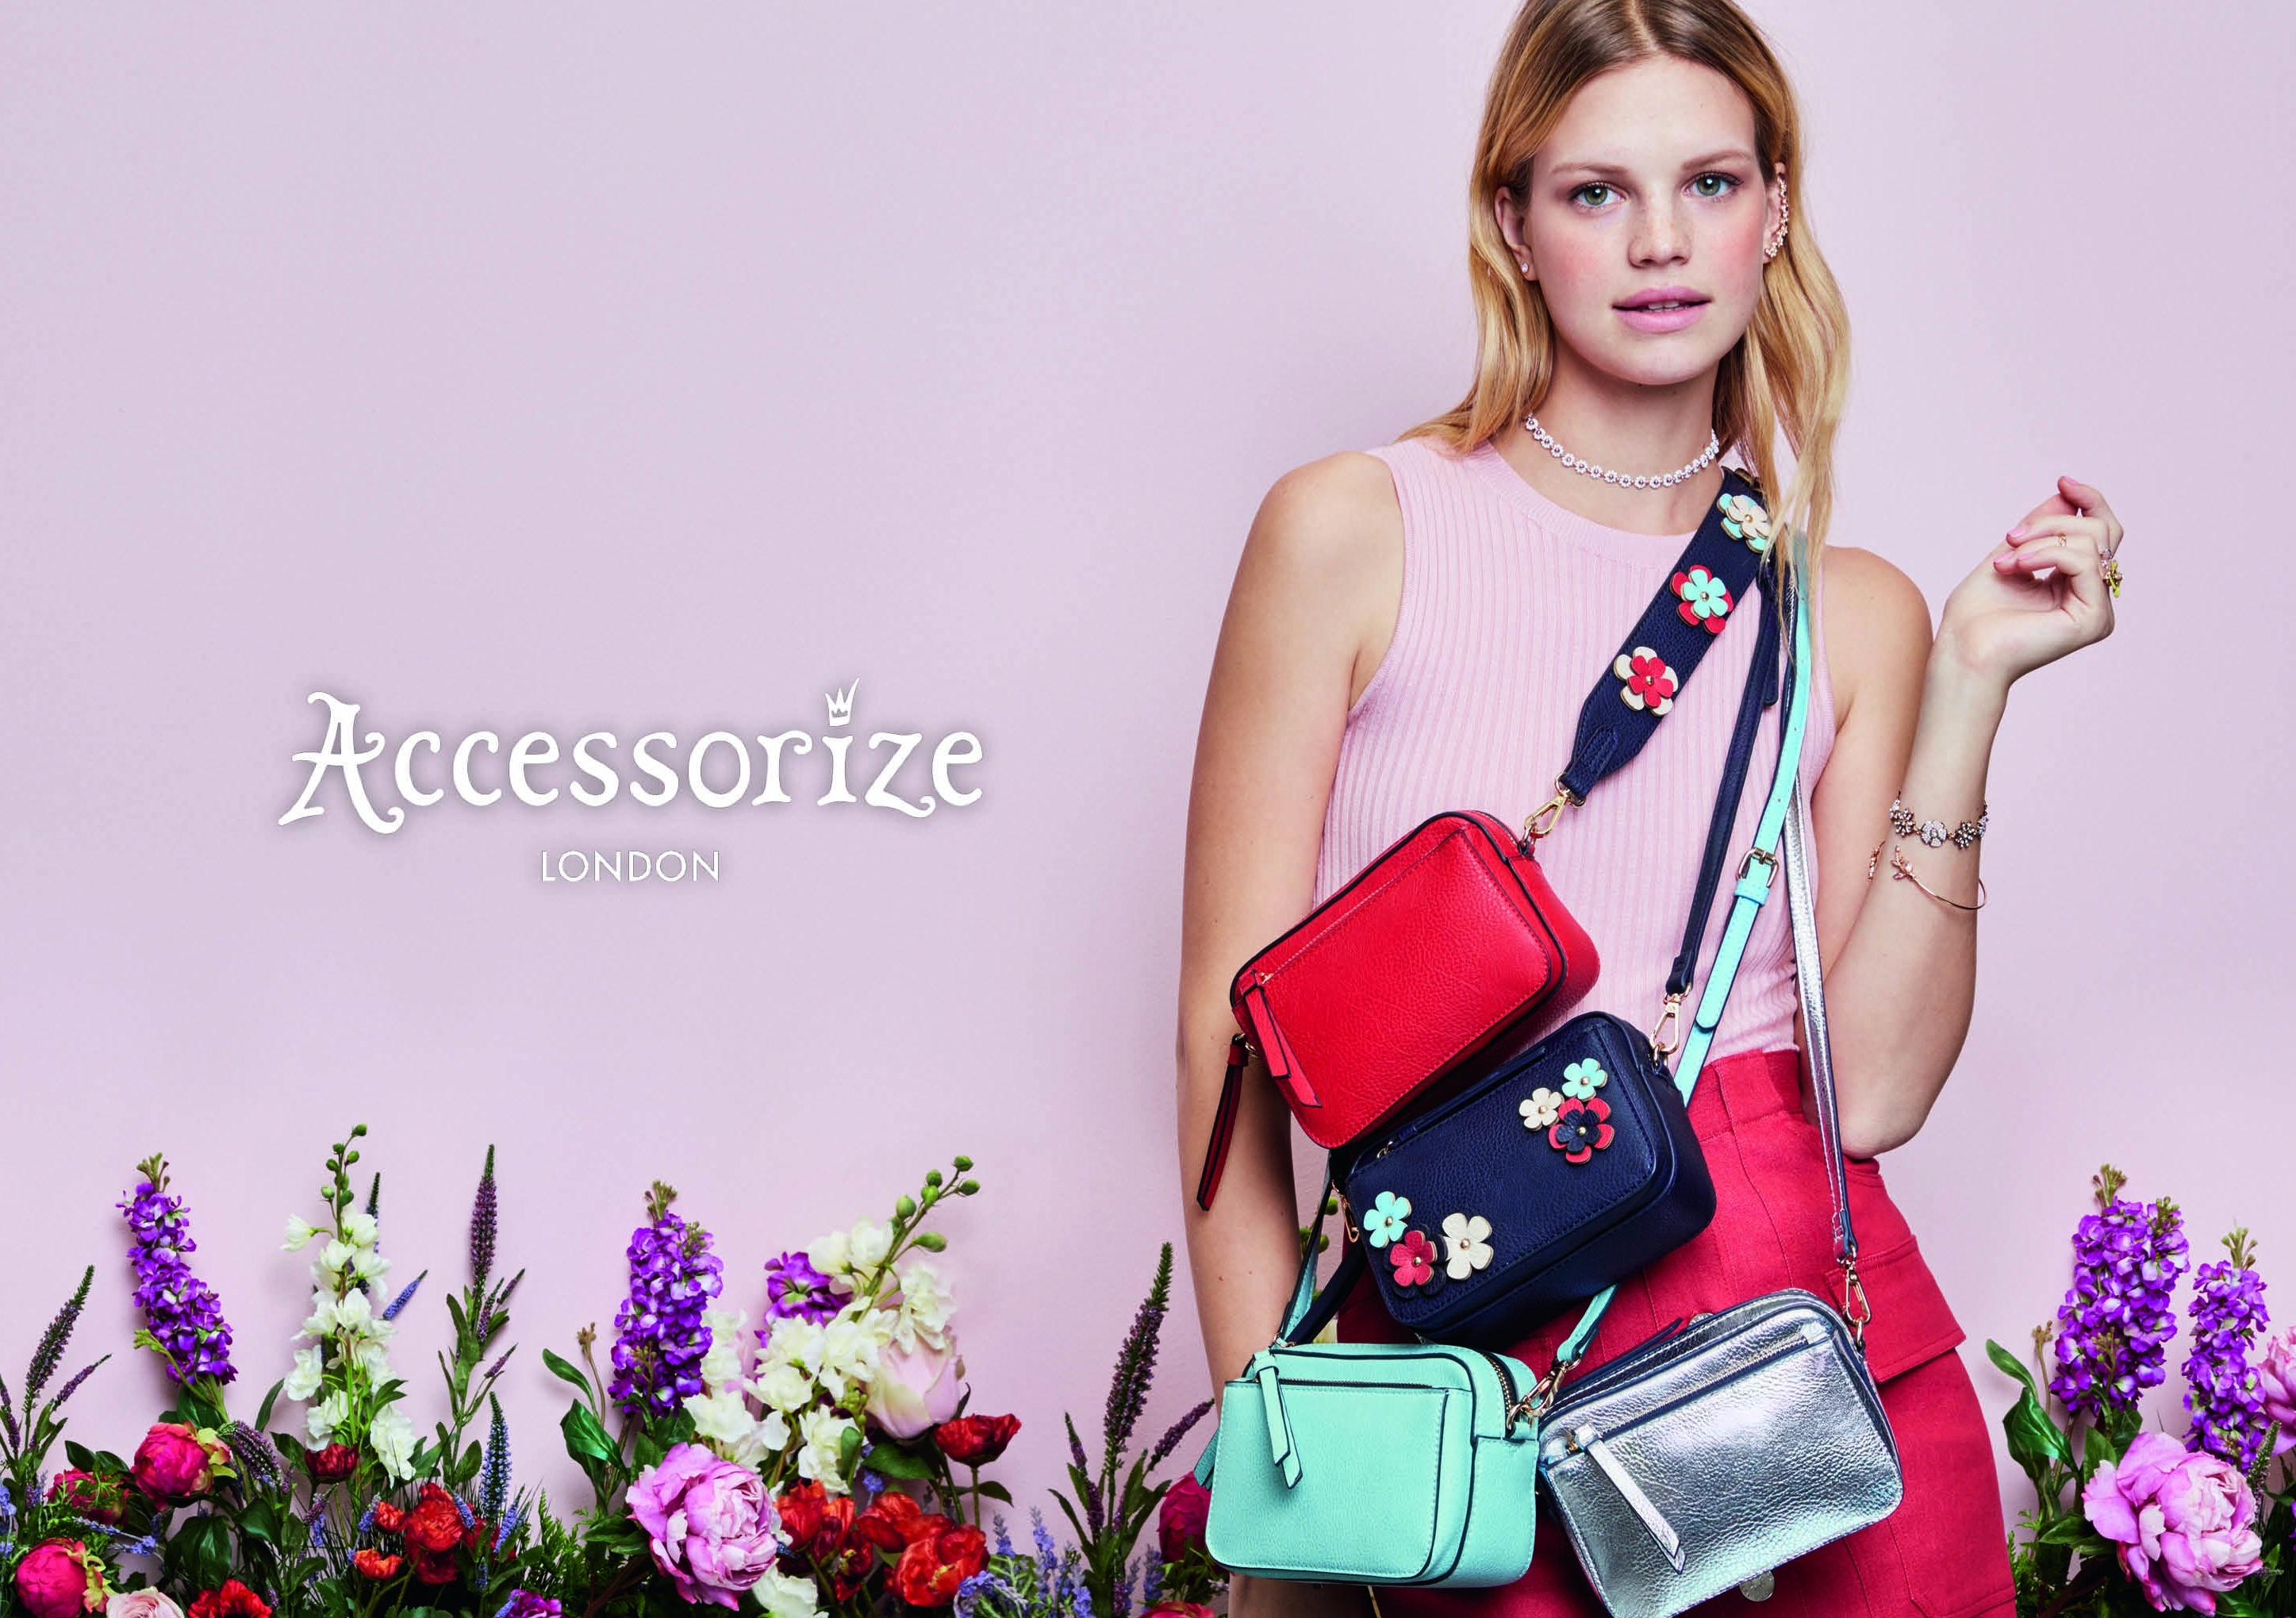 ファッショナブルでリーズナブル。ロンドン発のアクセサリーブランド『Accessorize』がオープン! - sub12